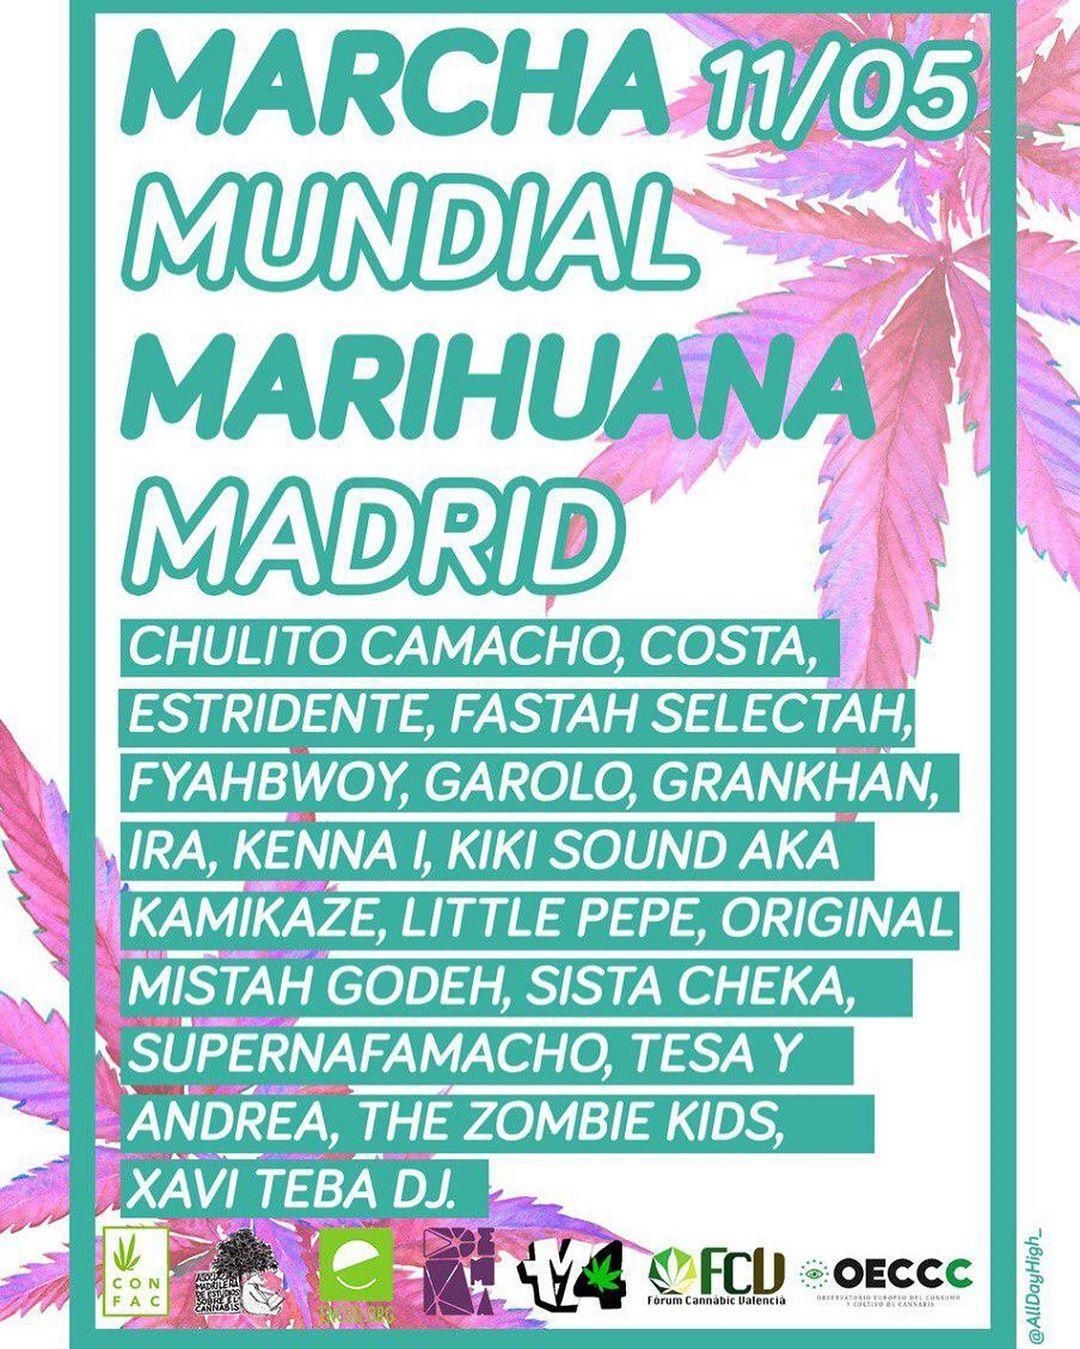 El cartel de la marcha de Madrid